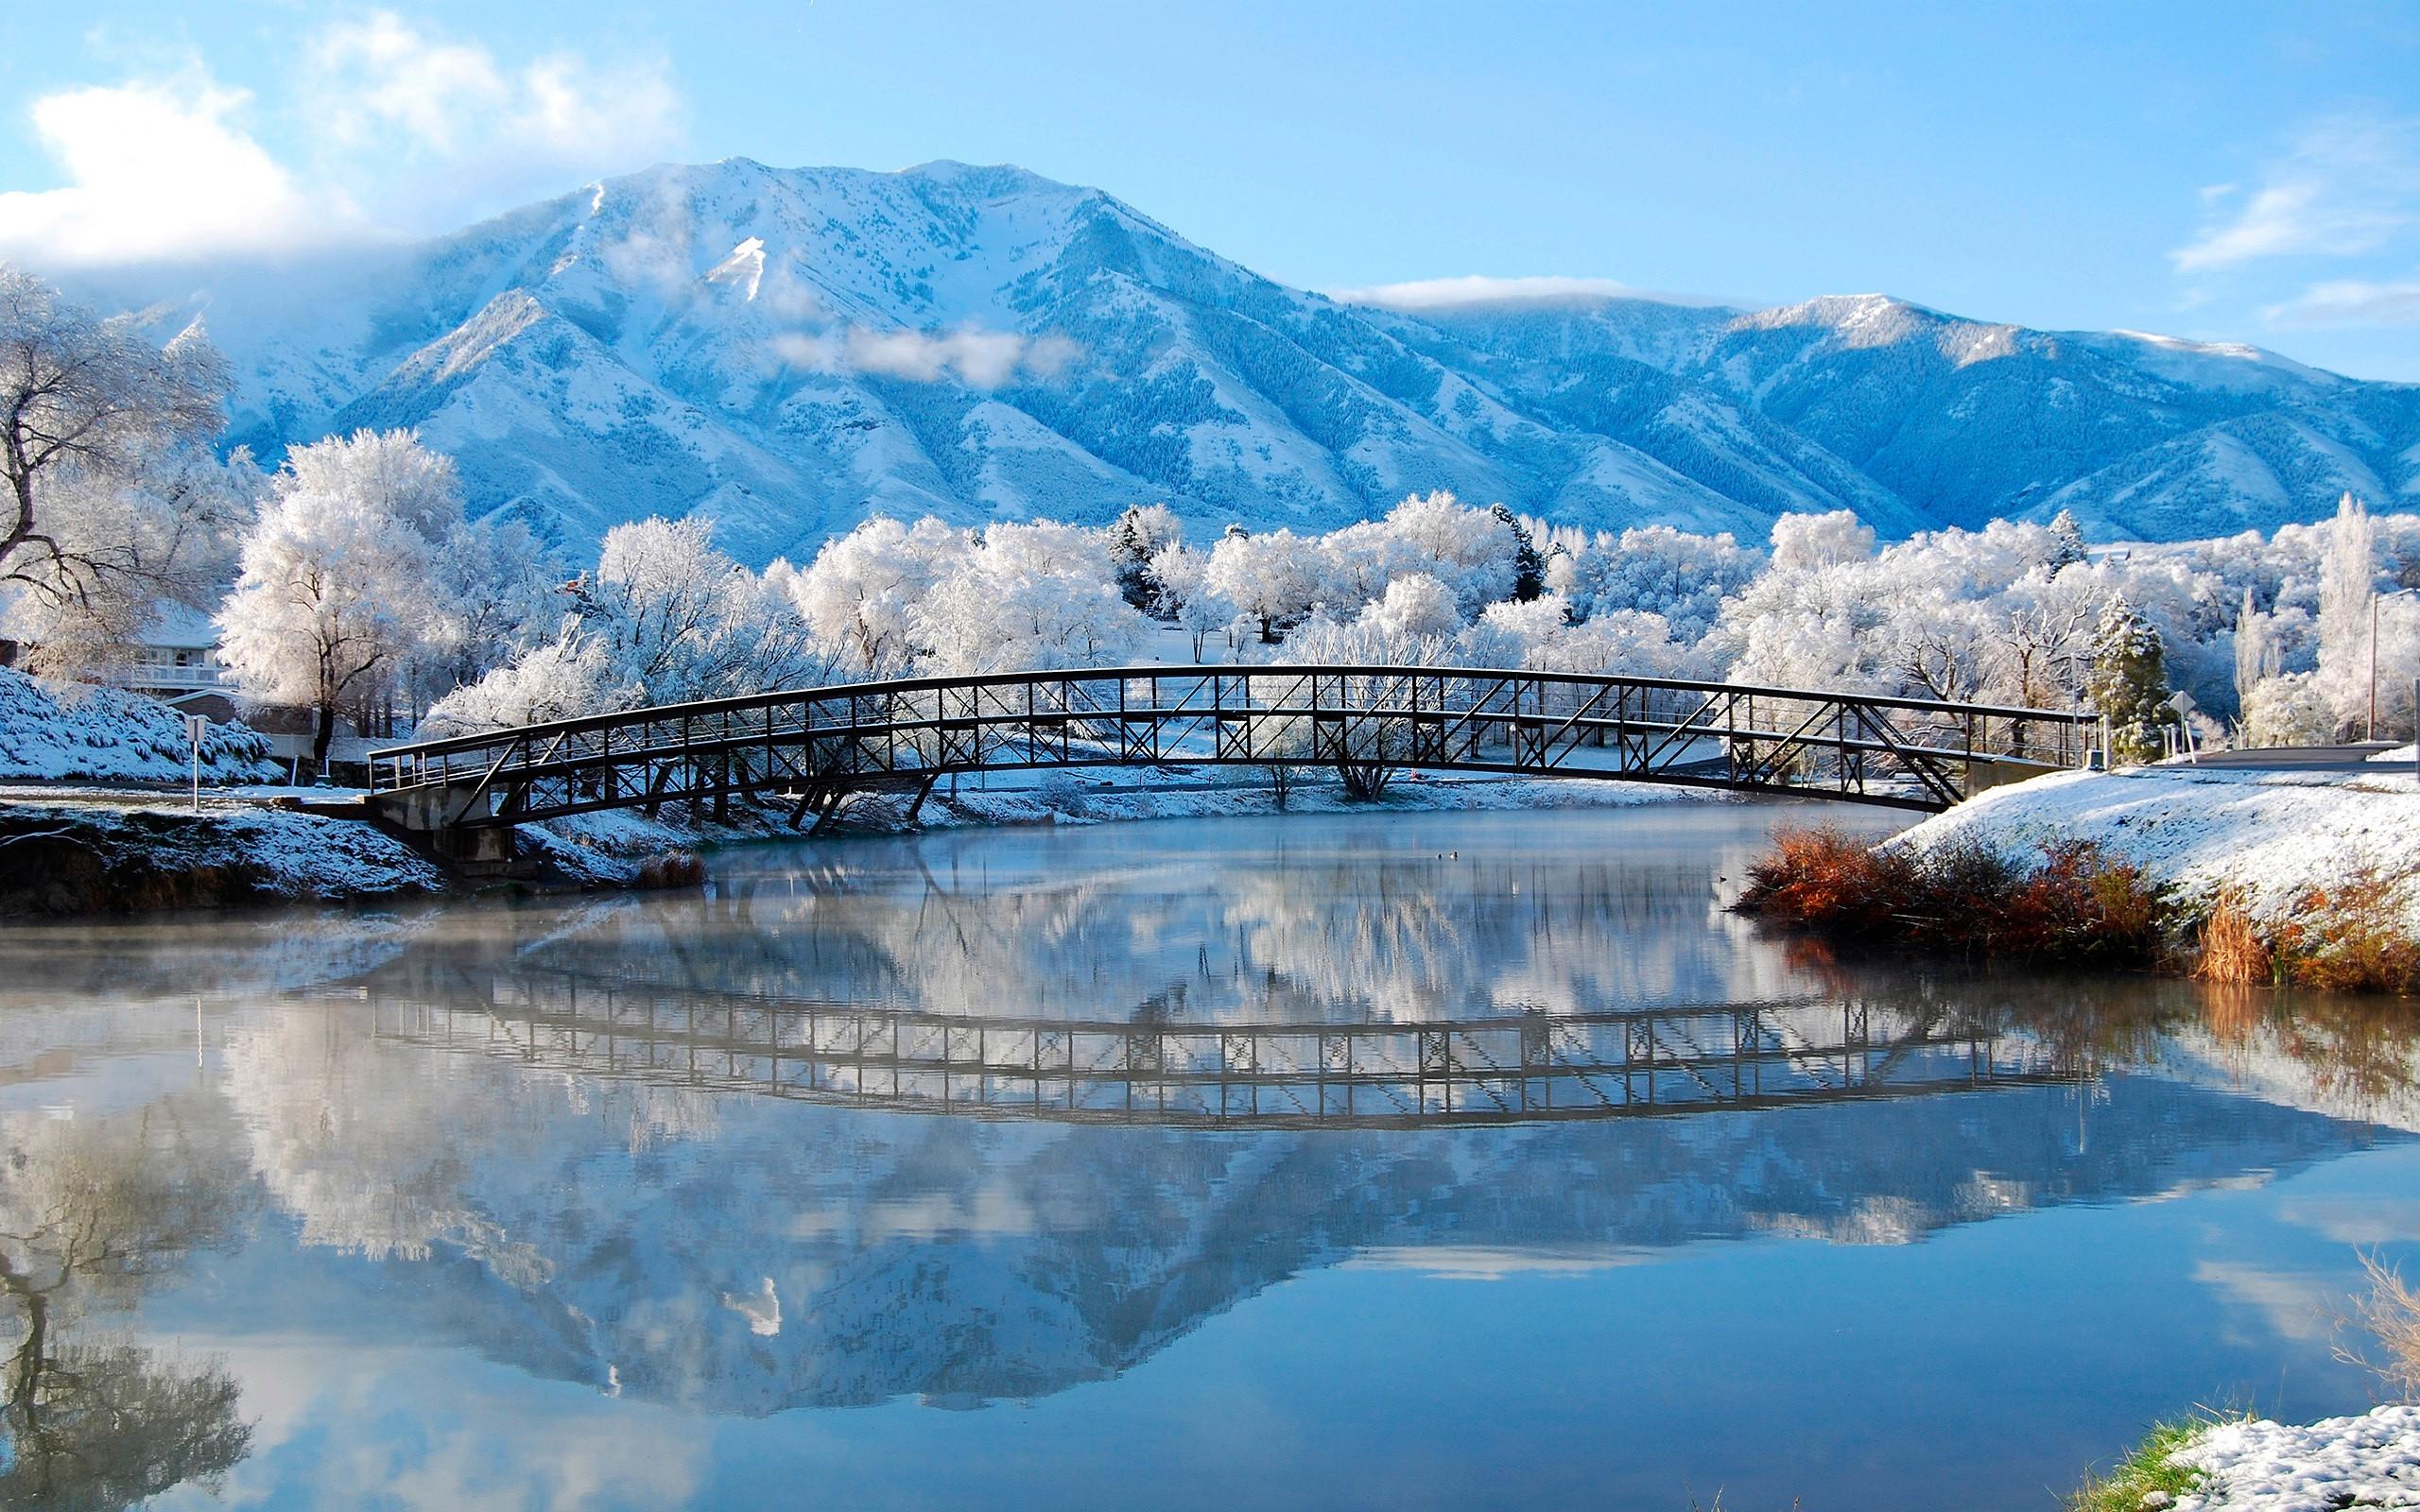 39 Hd Winter Landscape Wallpapers On Wallpapersafari